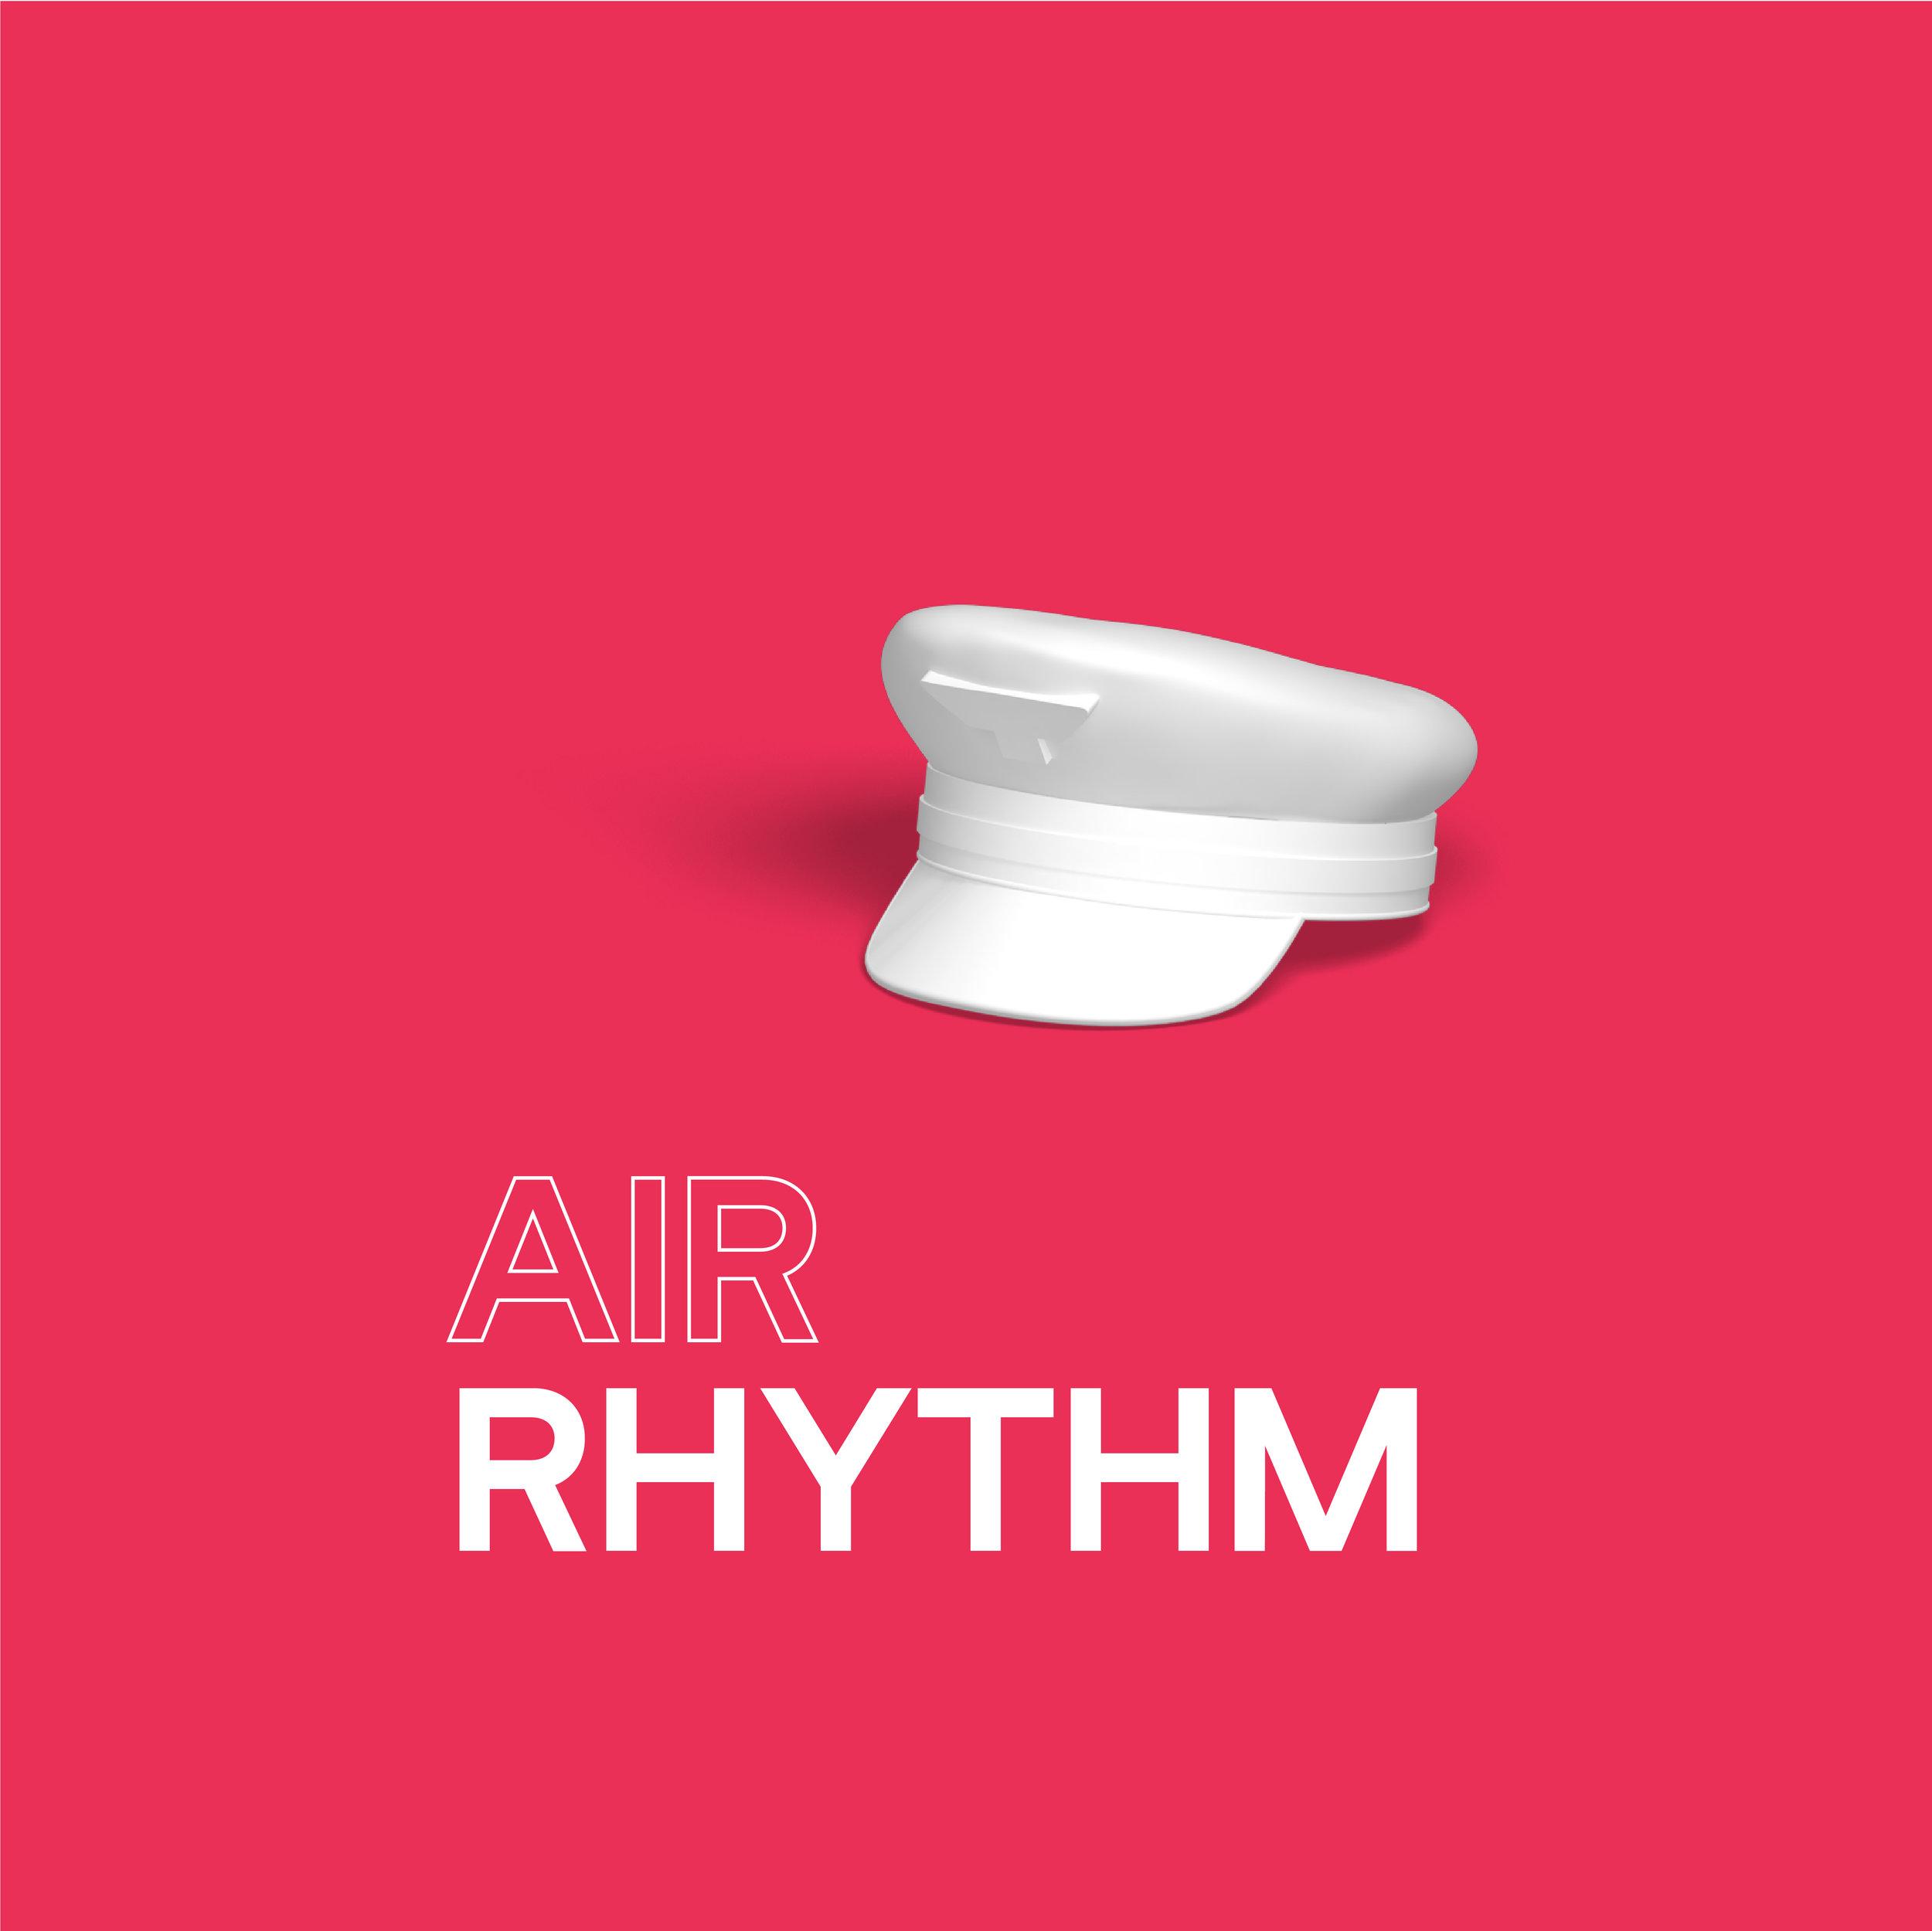 Air rhythm- logo tile-02.jpg